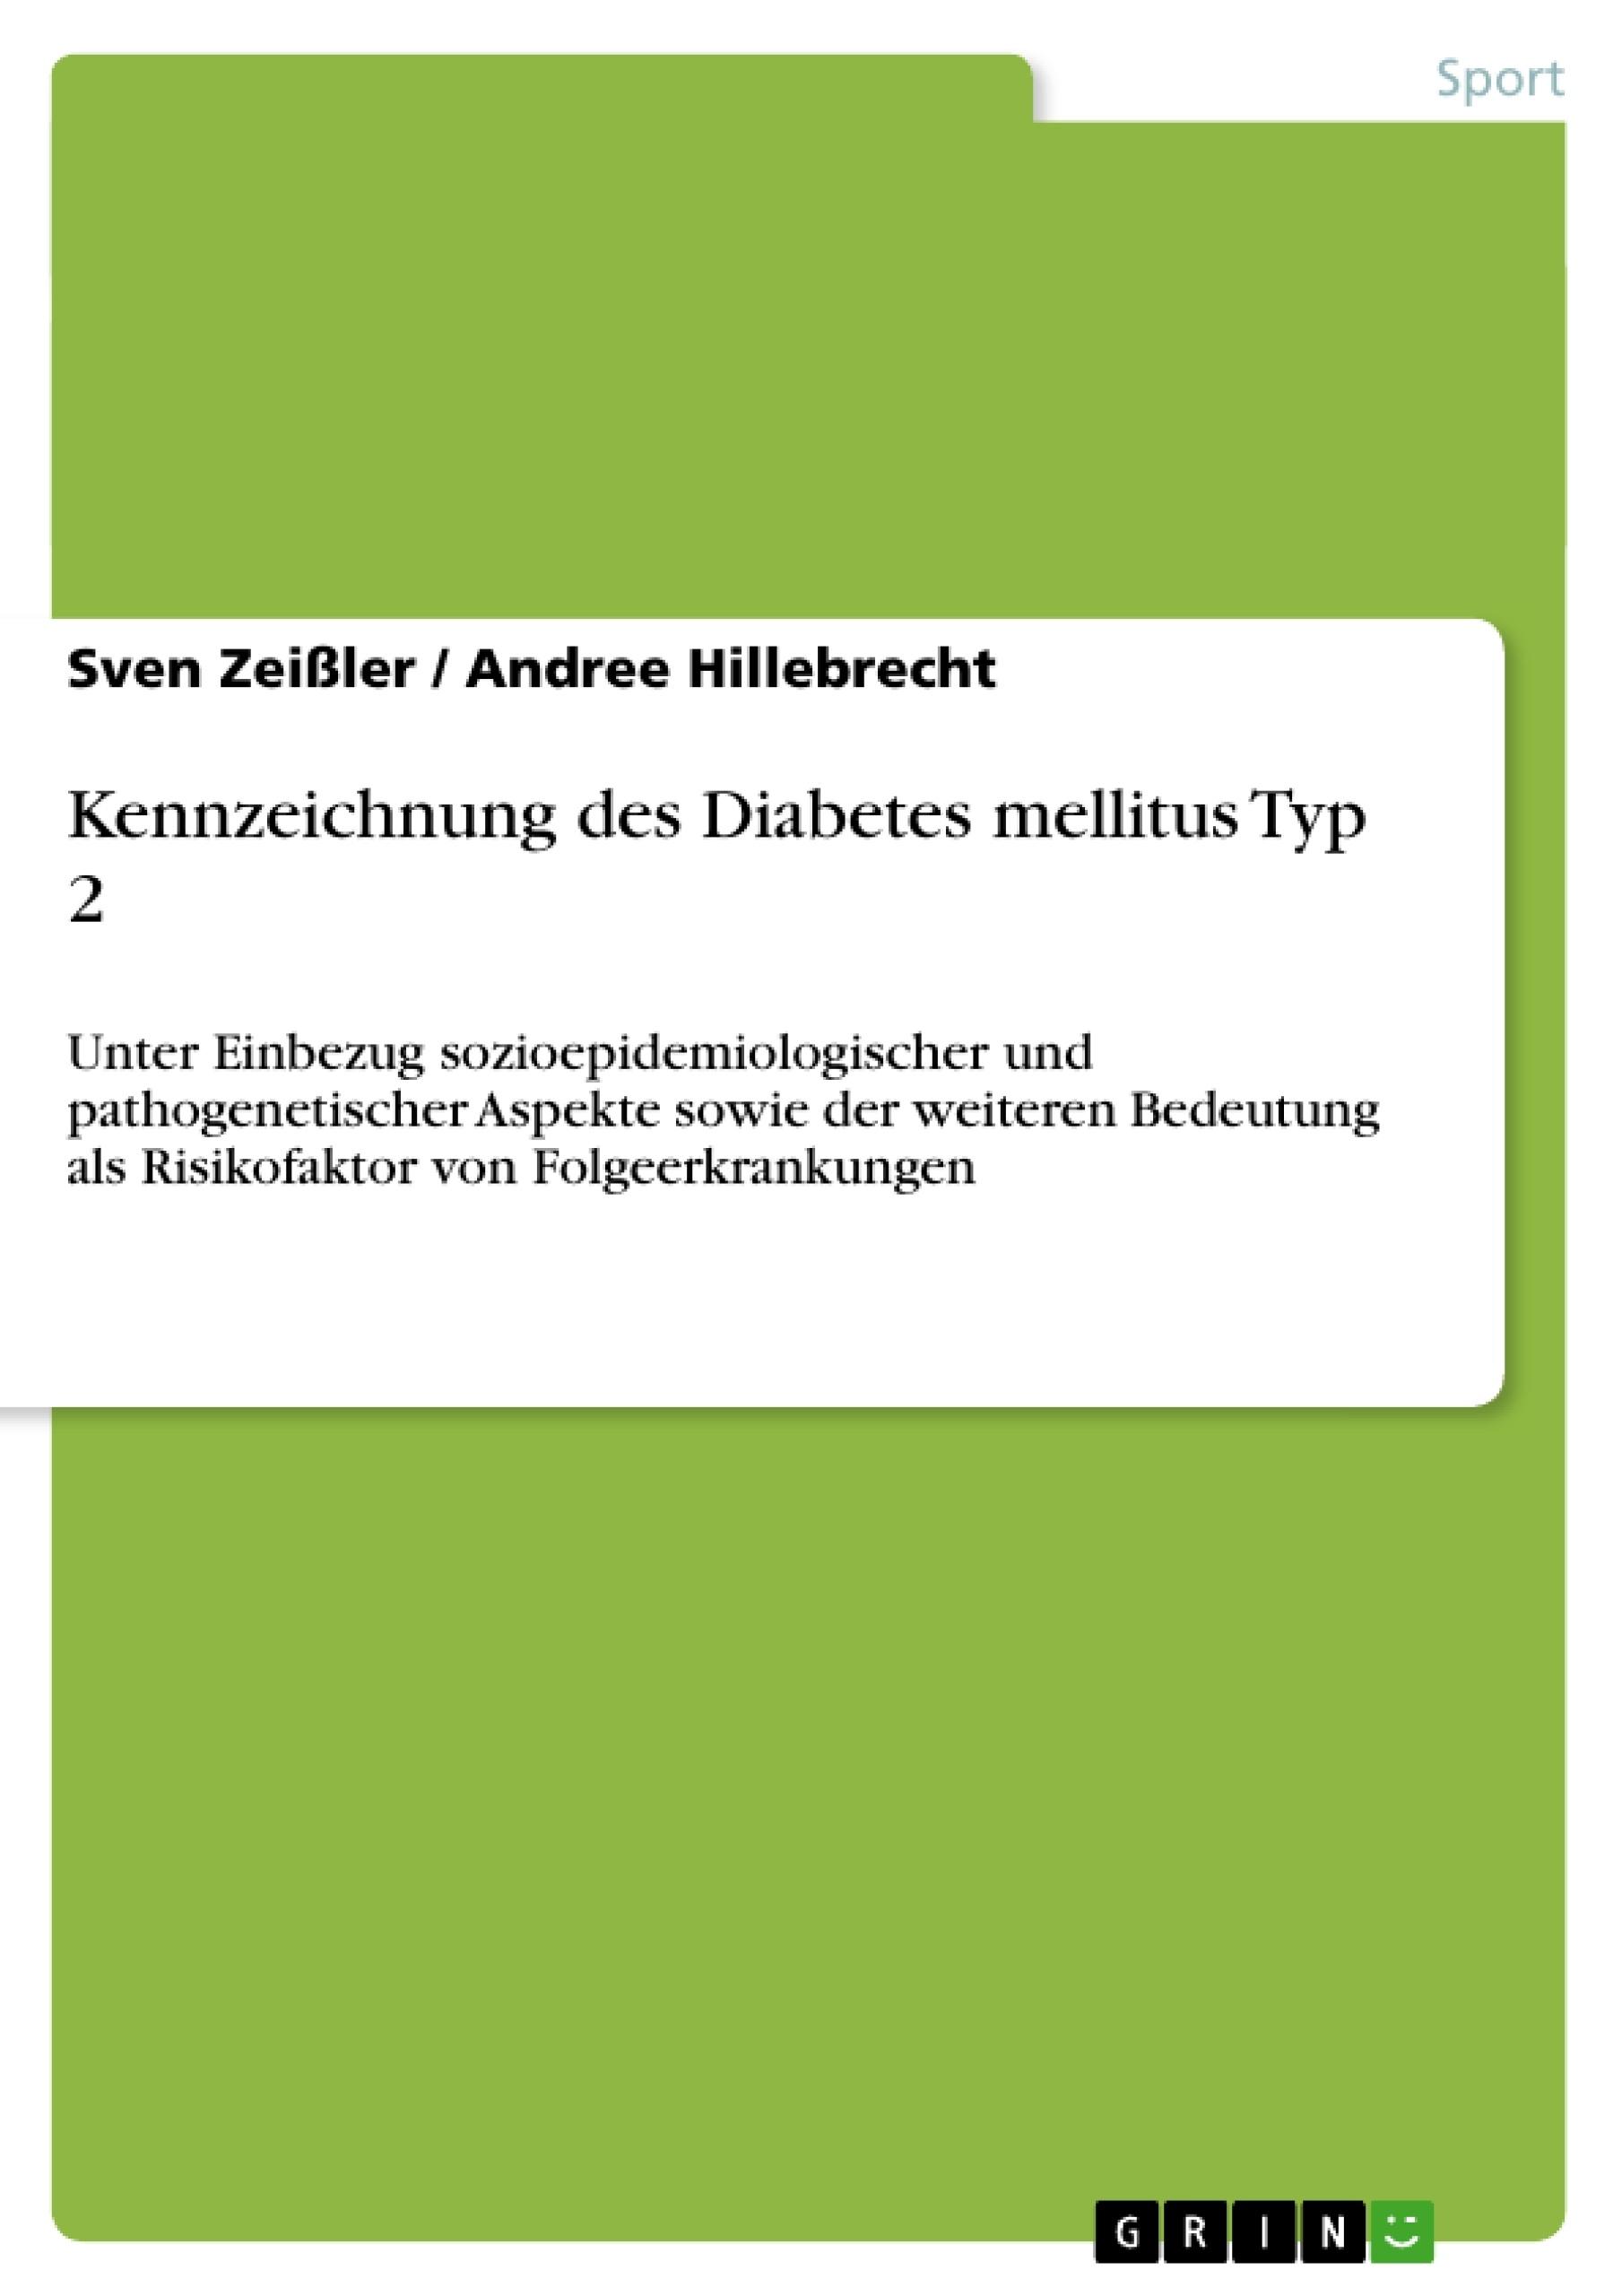 Titel: Kennzeichnung des Diabetes mellitus Typ 2